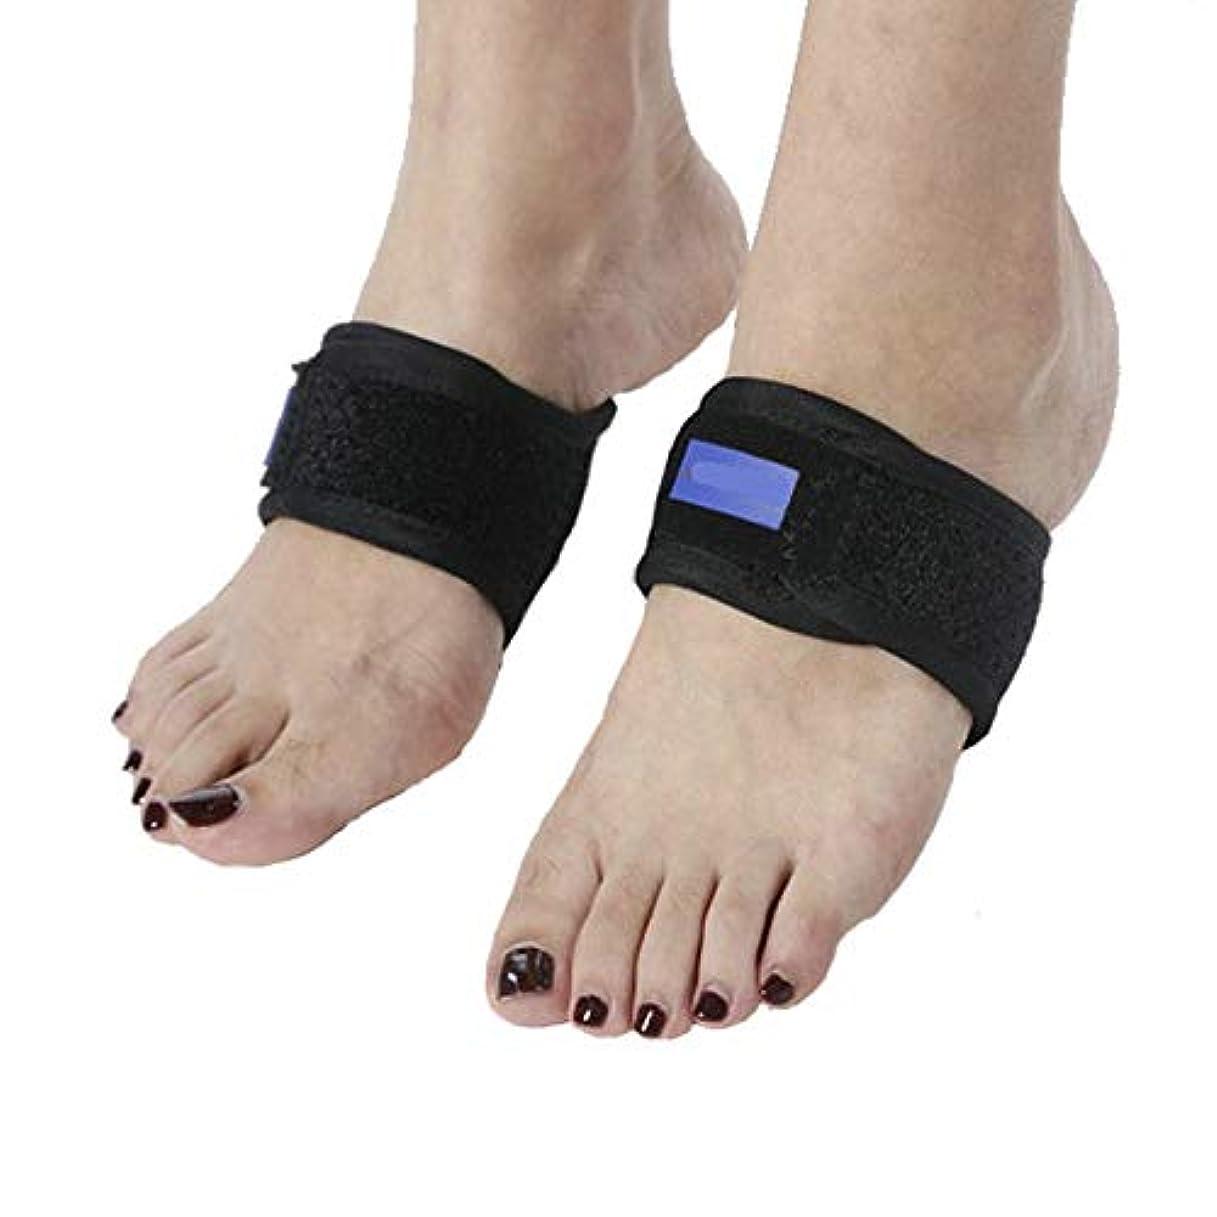 労働旋回立ち寄る足首固定フットレスト、調節可能な足底筋膜炎ナイトスプリント足垂れ下がった器具、平らな足、高いまたは倒れたアーチ、かかとの痛みを軽減